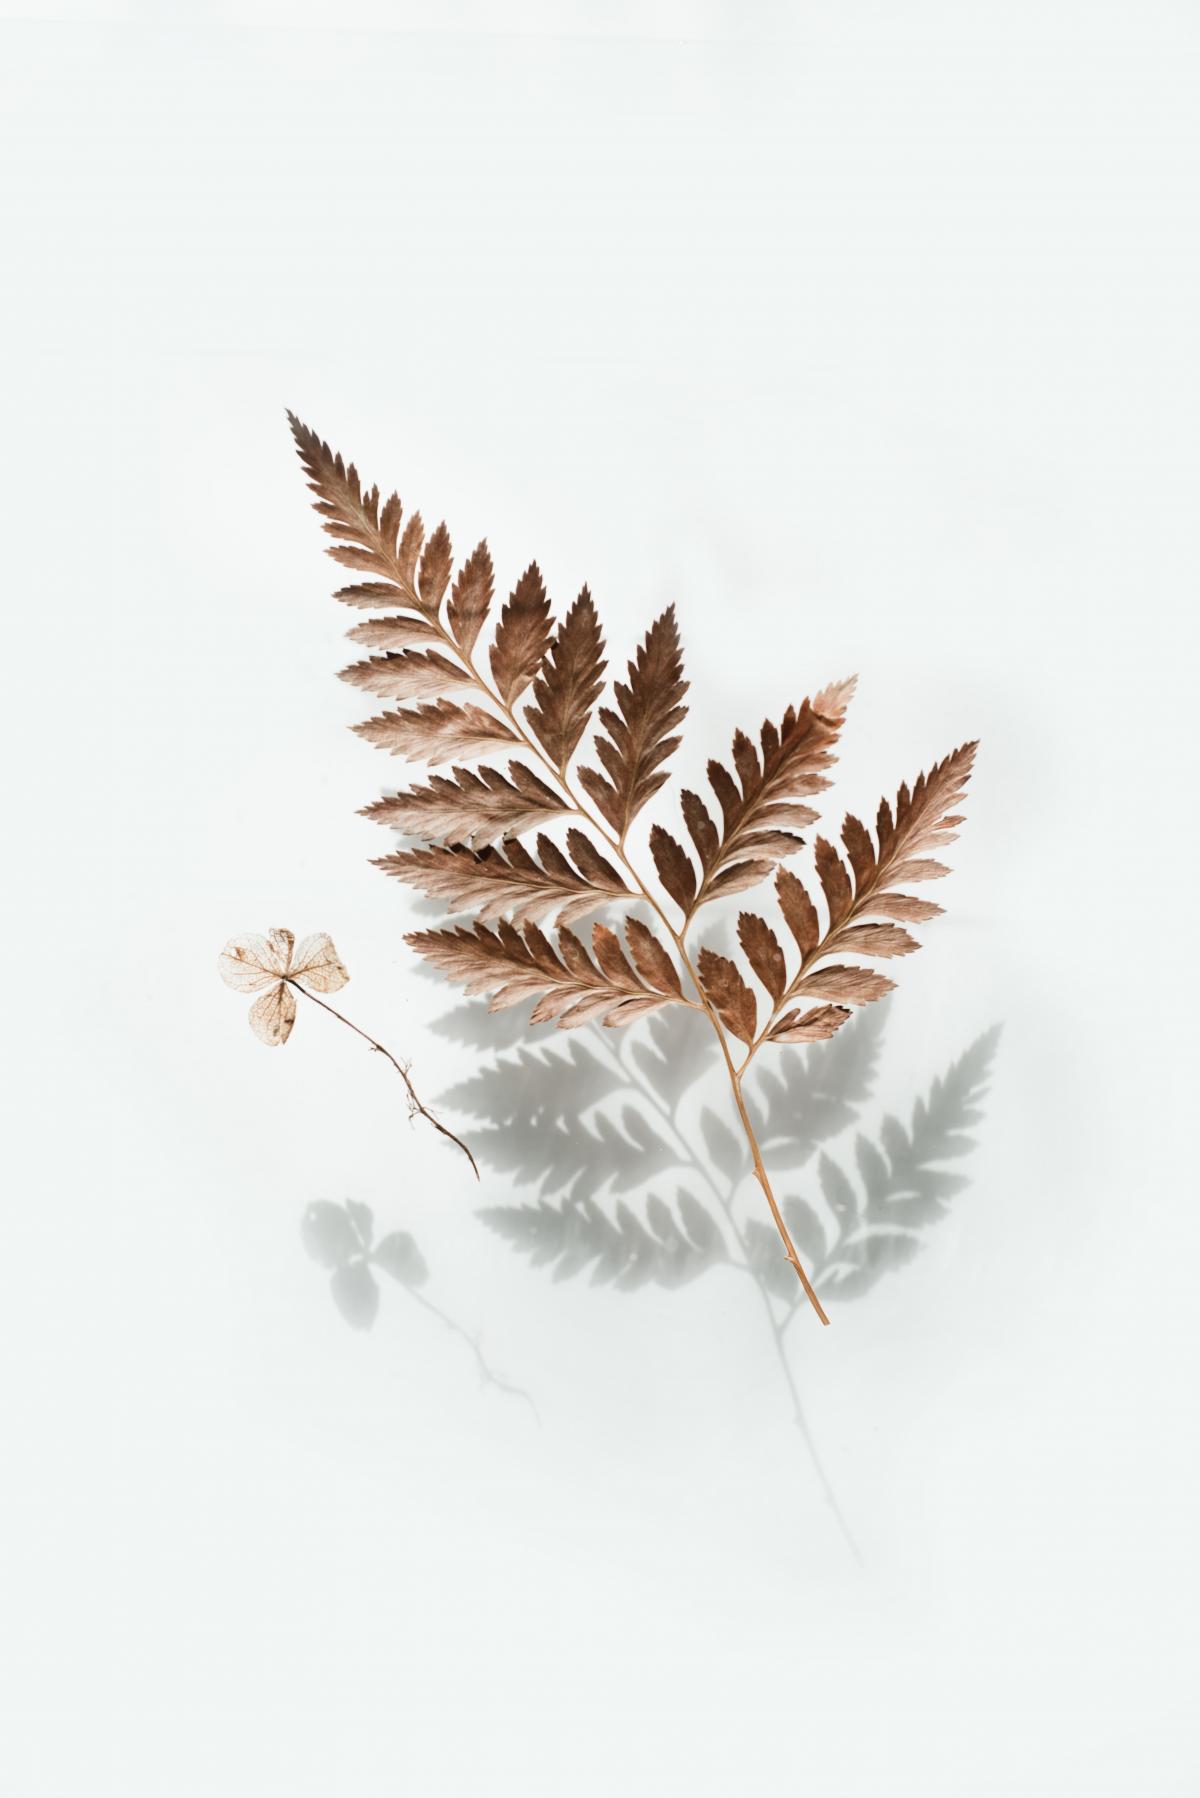 Fir Evergreen Leaf #422803